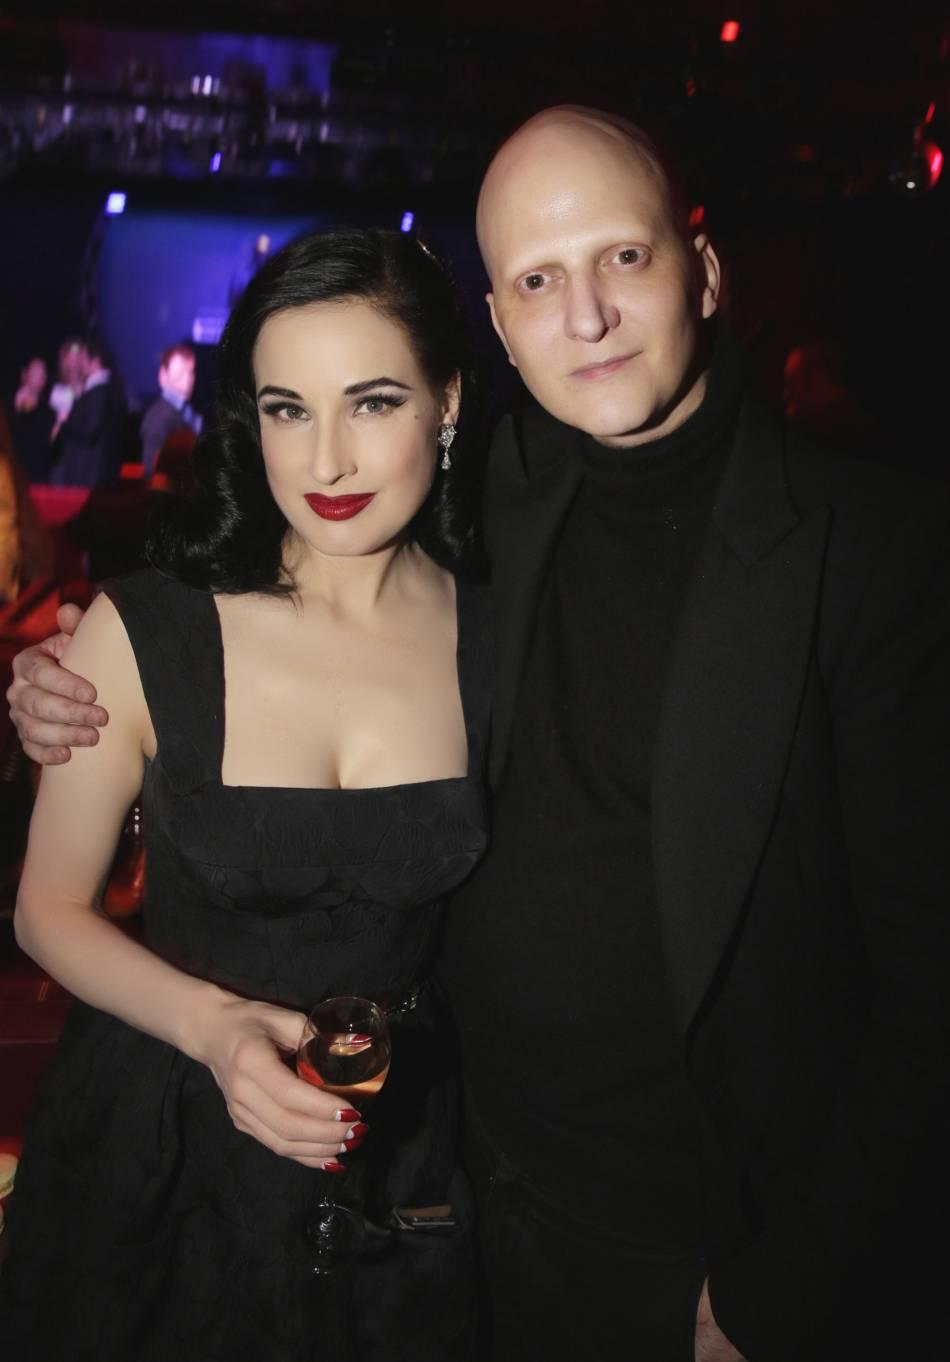 Dita Von Teese et son directeur artistique Ali Mahdaviaprès les répétitions.